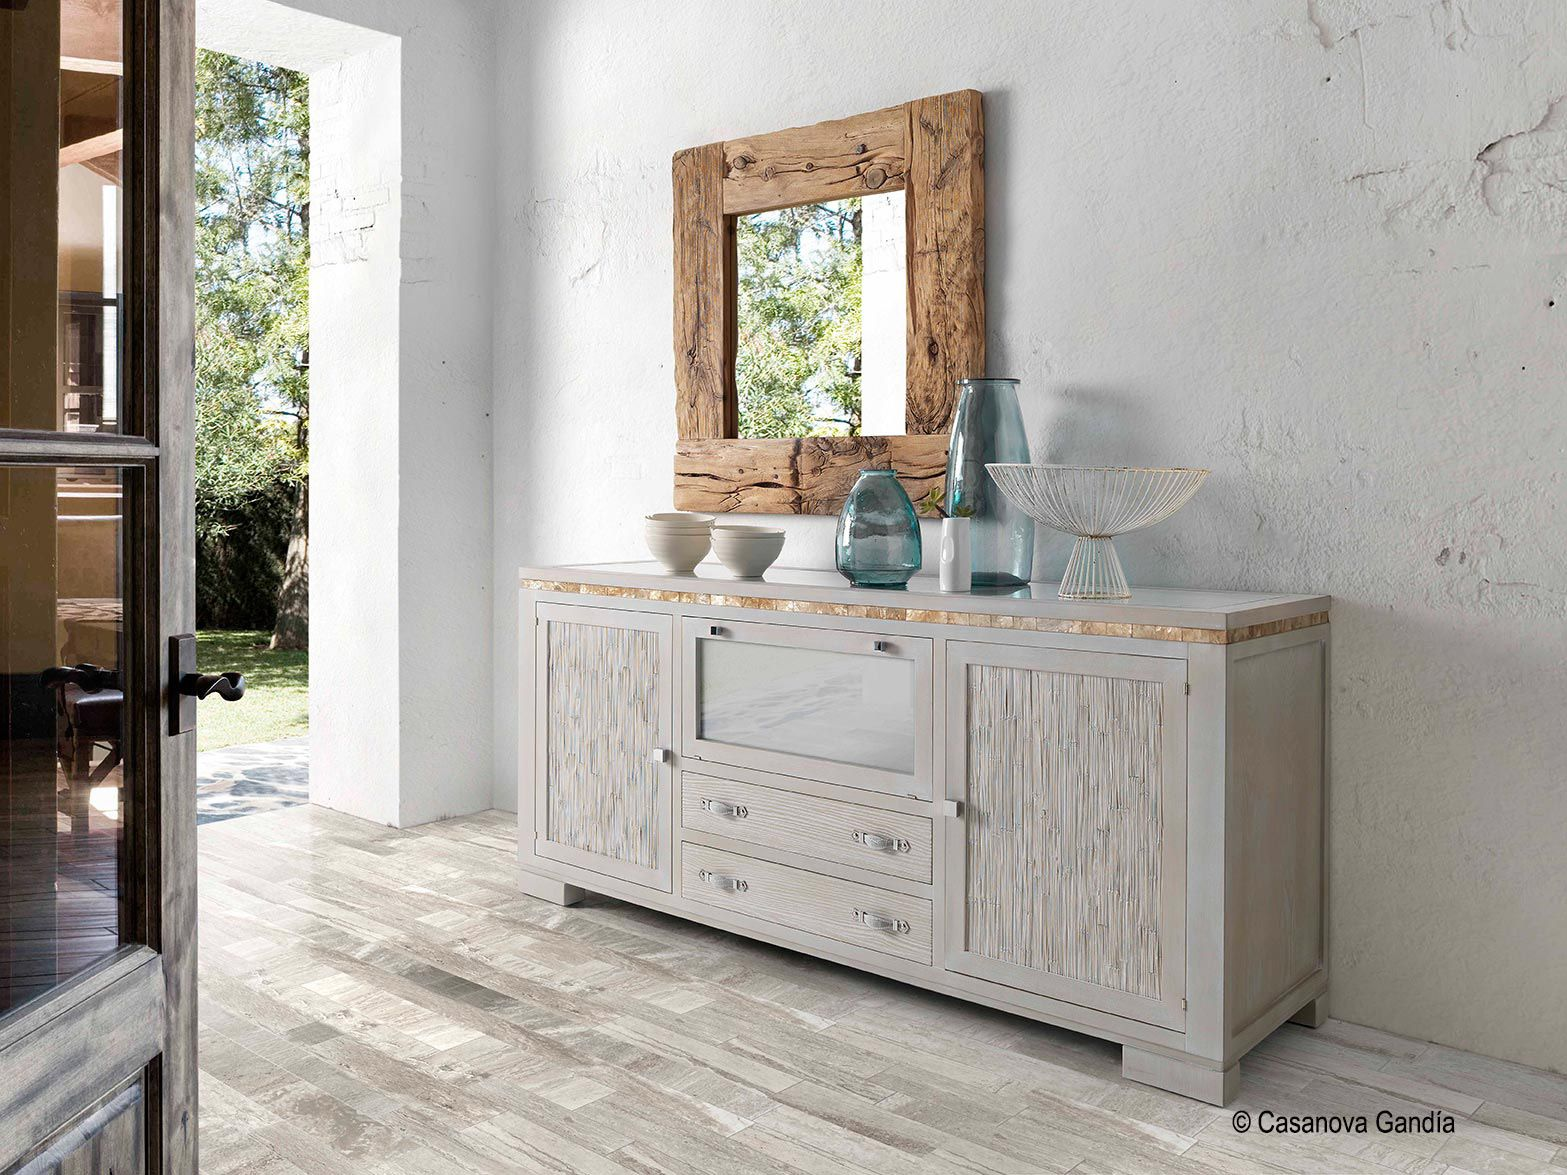 Aparador estilo tnico combinado con espejo de madera reciclada karey muebles estilo tnico - Espejos etnicos ...